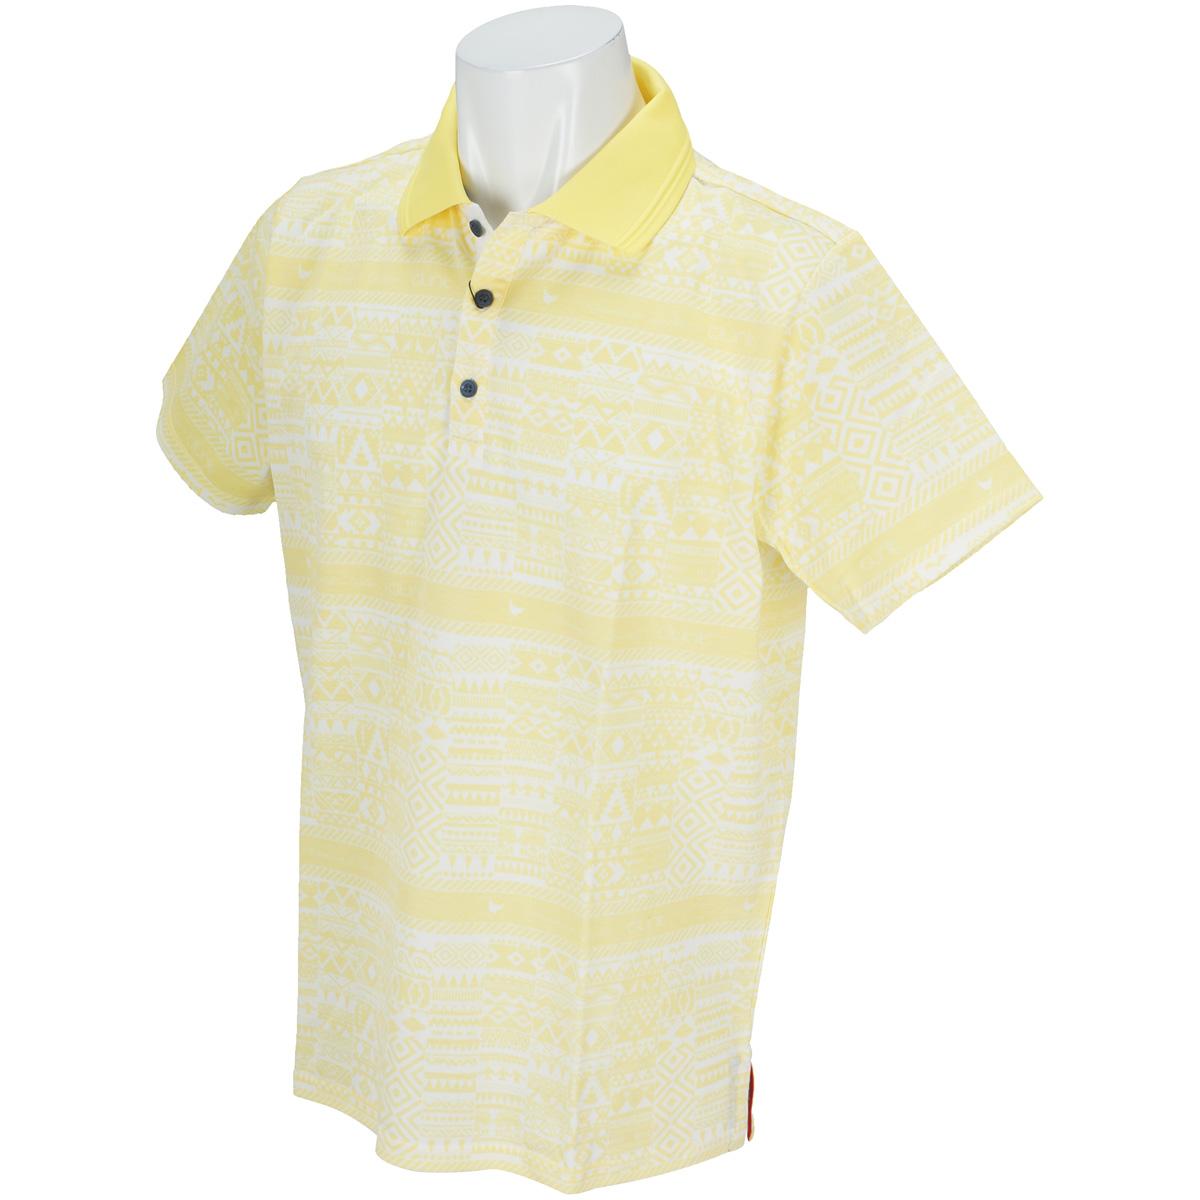 マヤボーダー半袖ポロシャツ